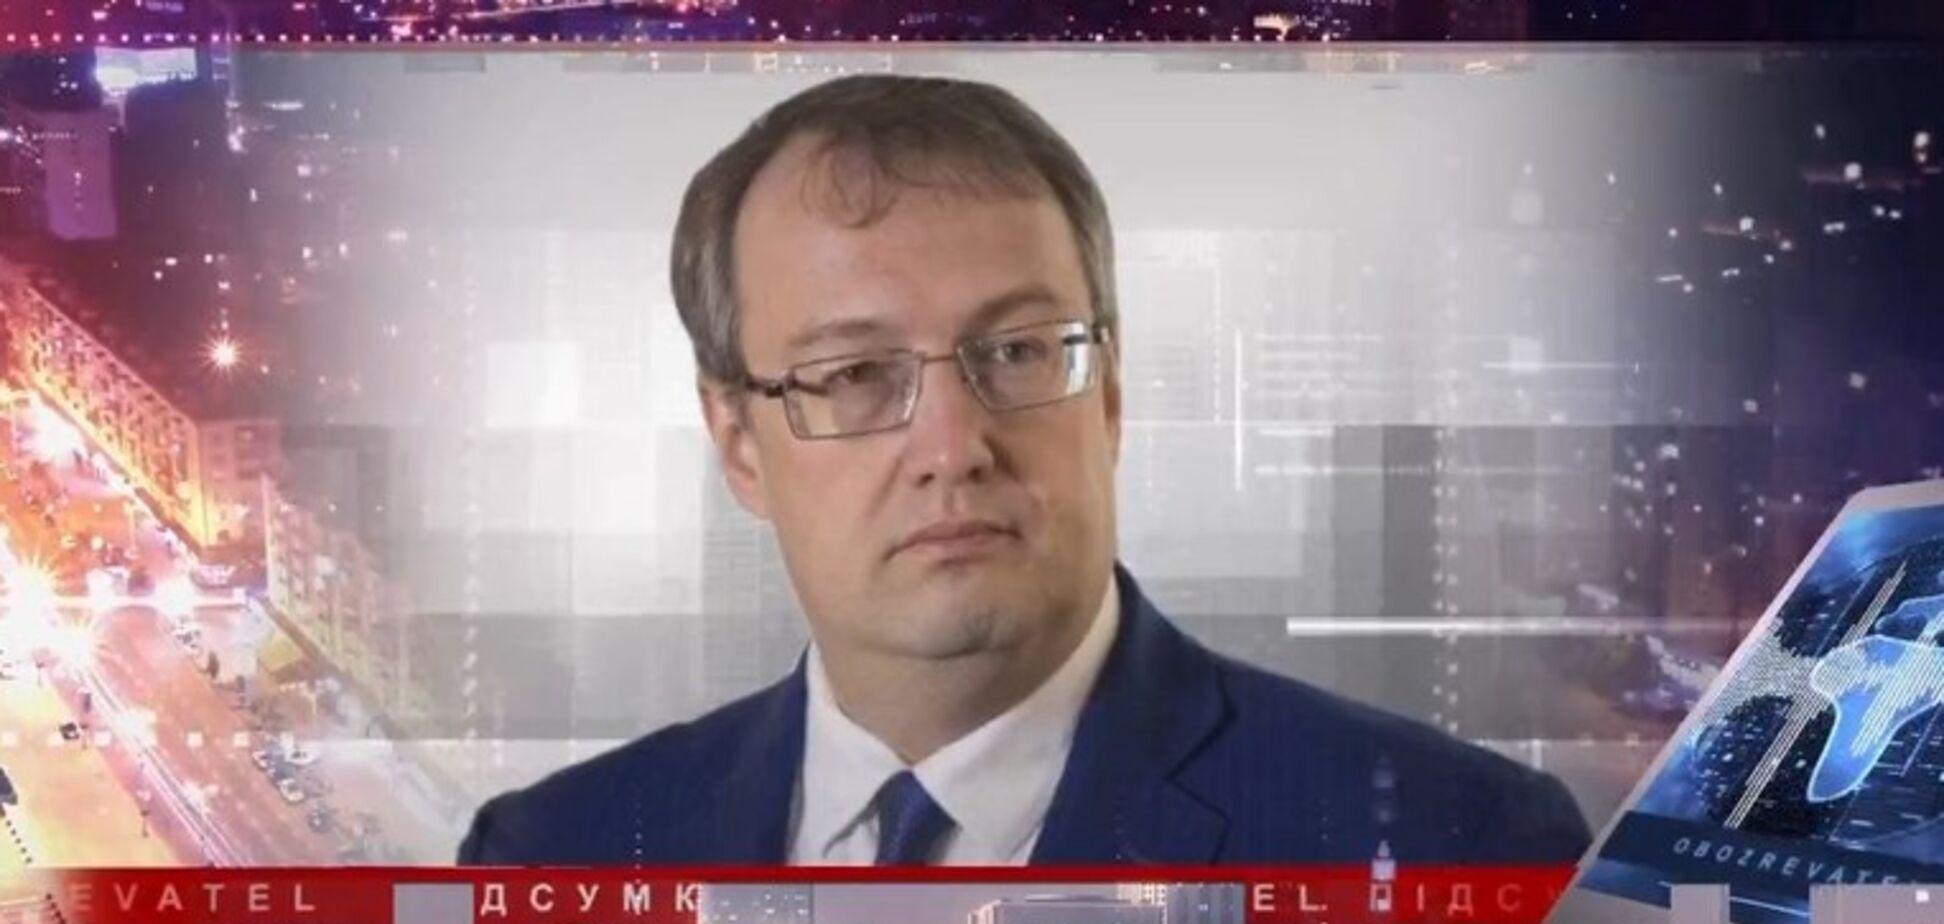 'И депутатов, и миллионеров': МВД предложило сажать пьяных водителей в тюрьму